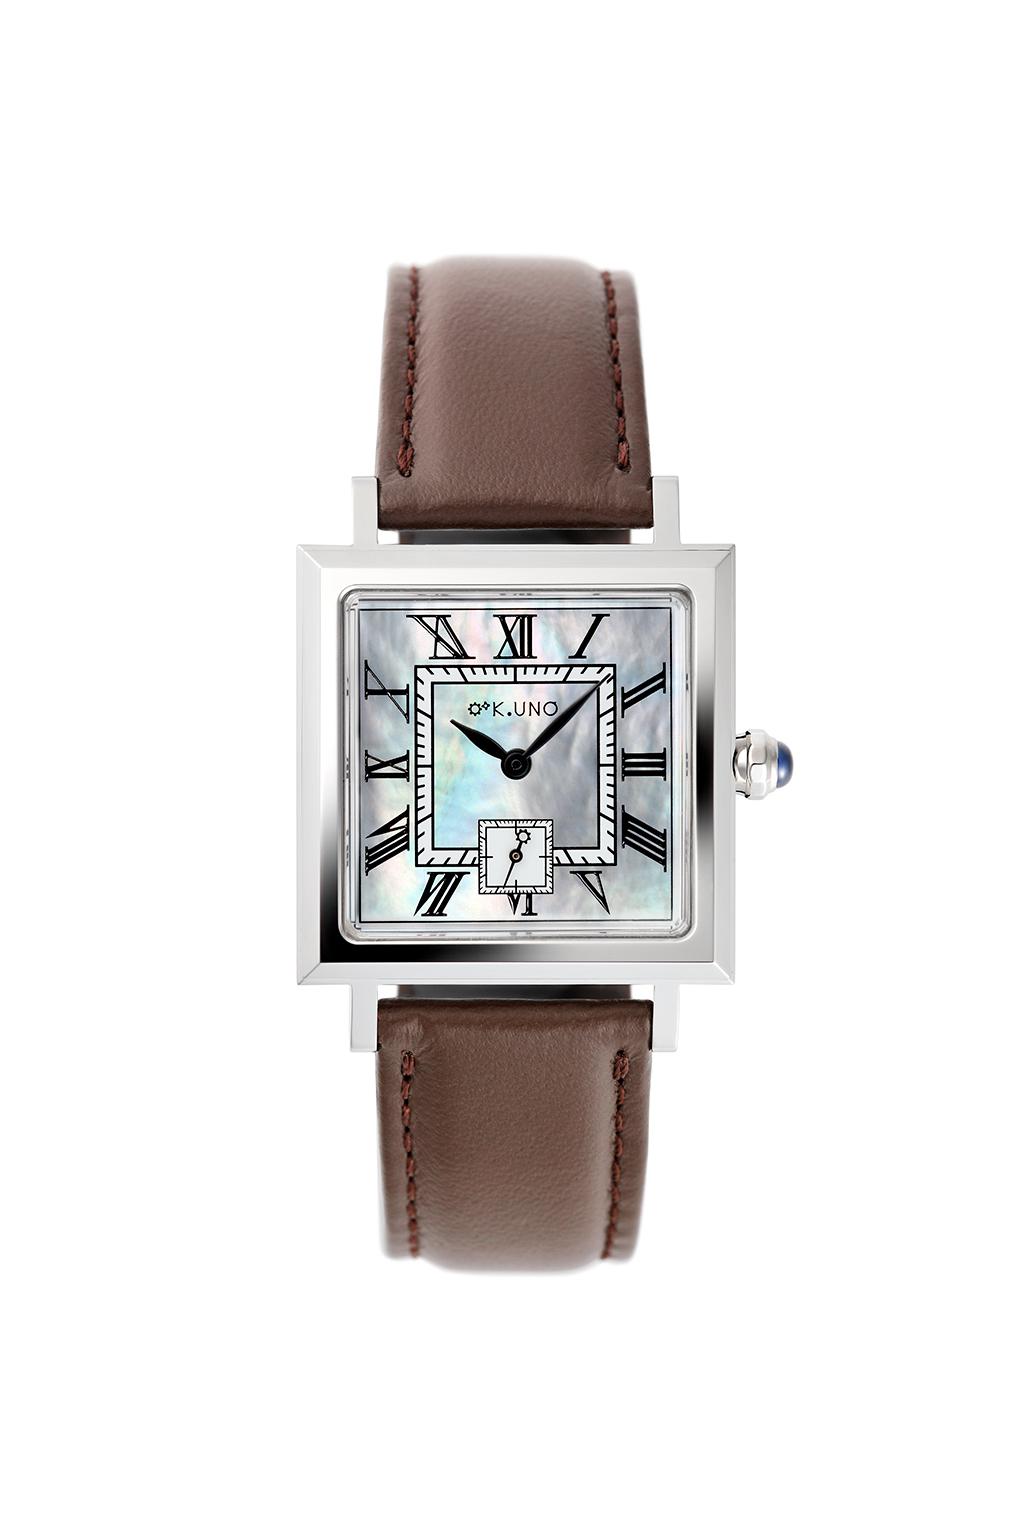 new product be5bb 2dc8e 女性編集者セレクト】時計とアクセサリーのいいとこ取り ...